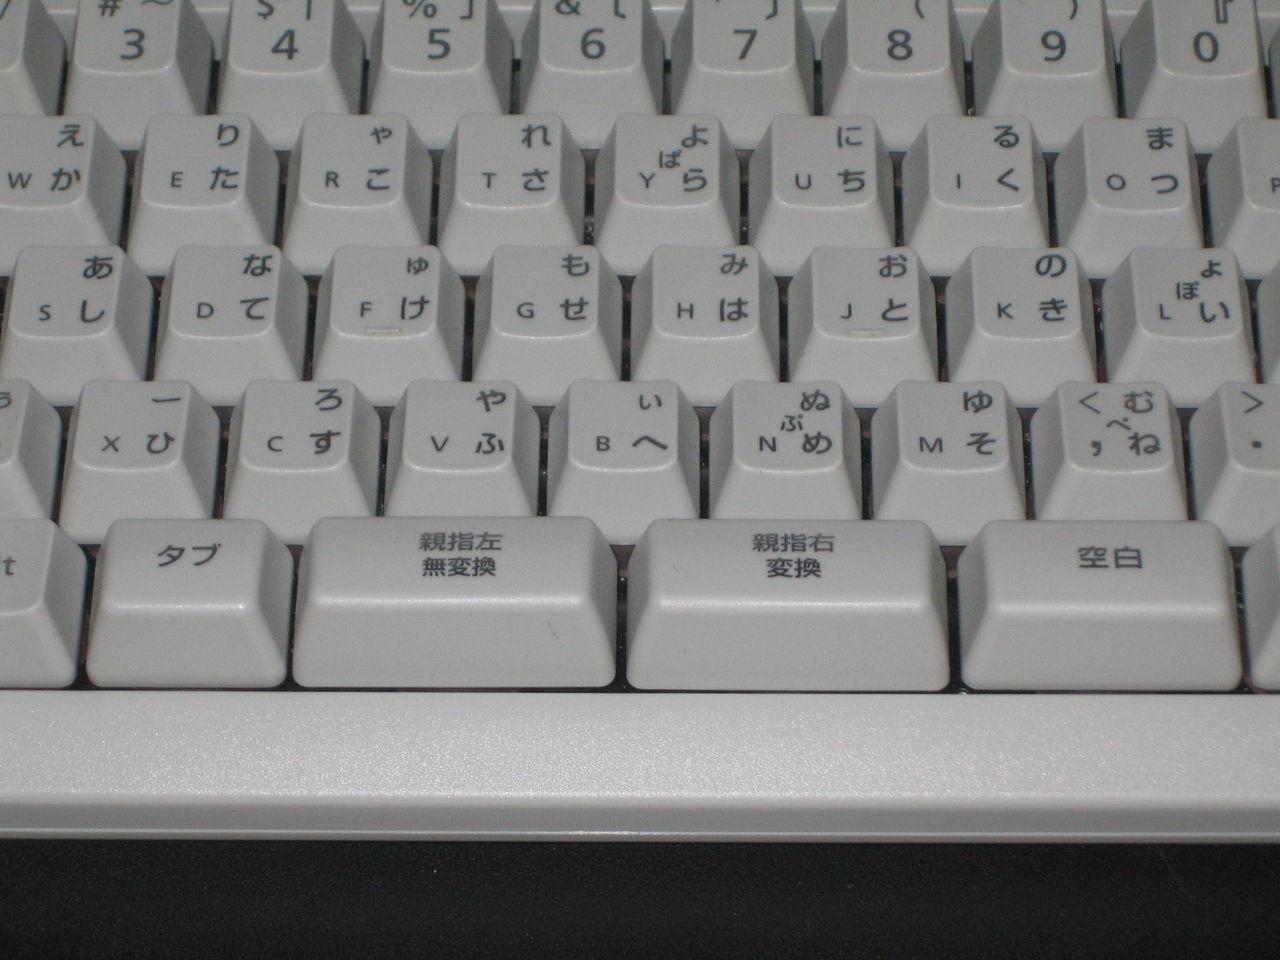 キーボード 親指 シフト